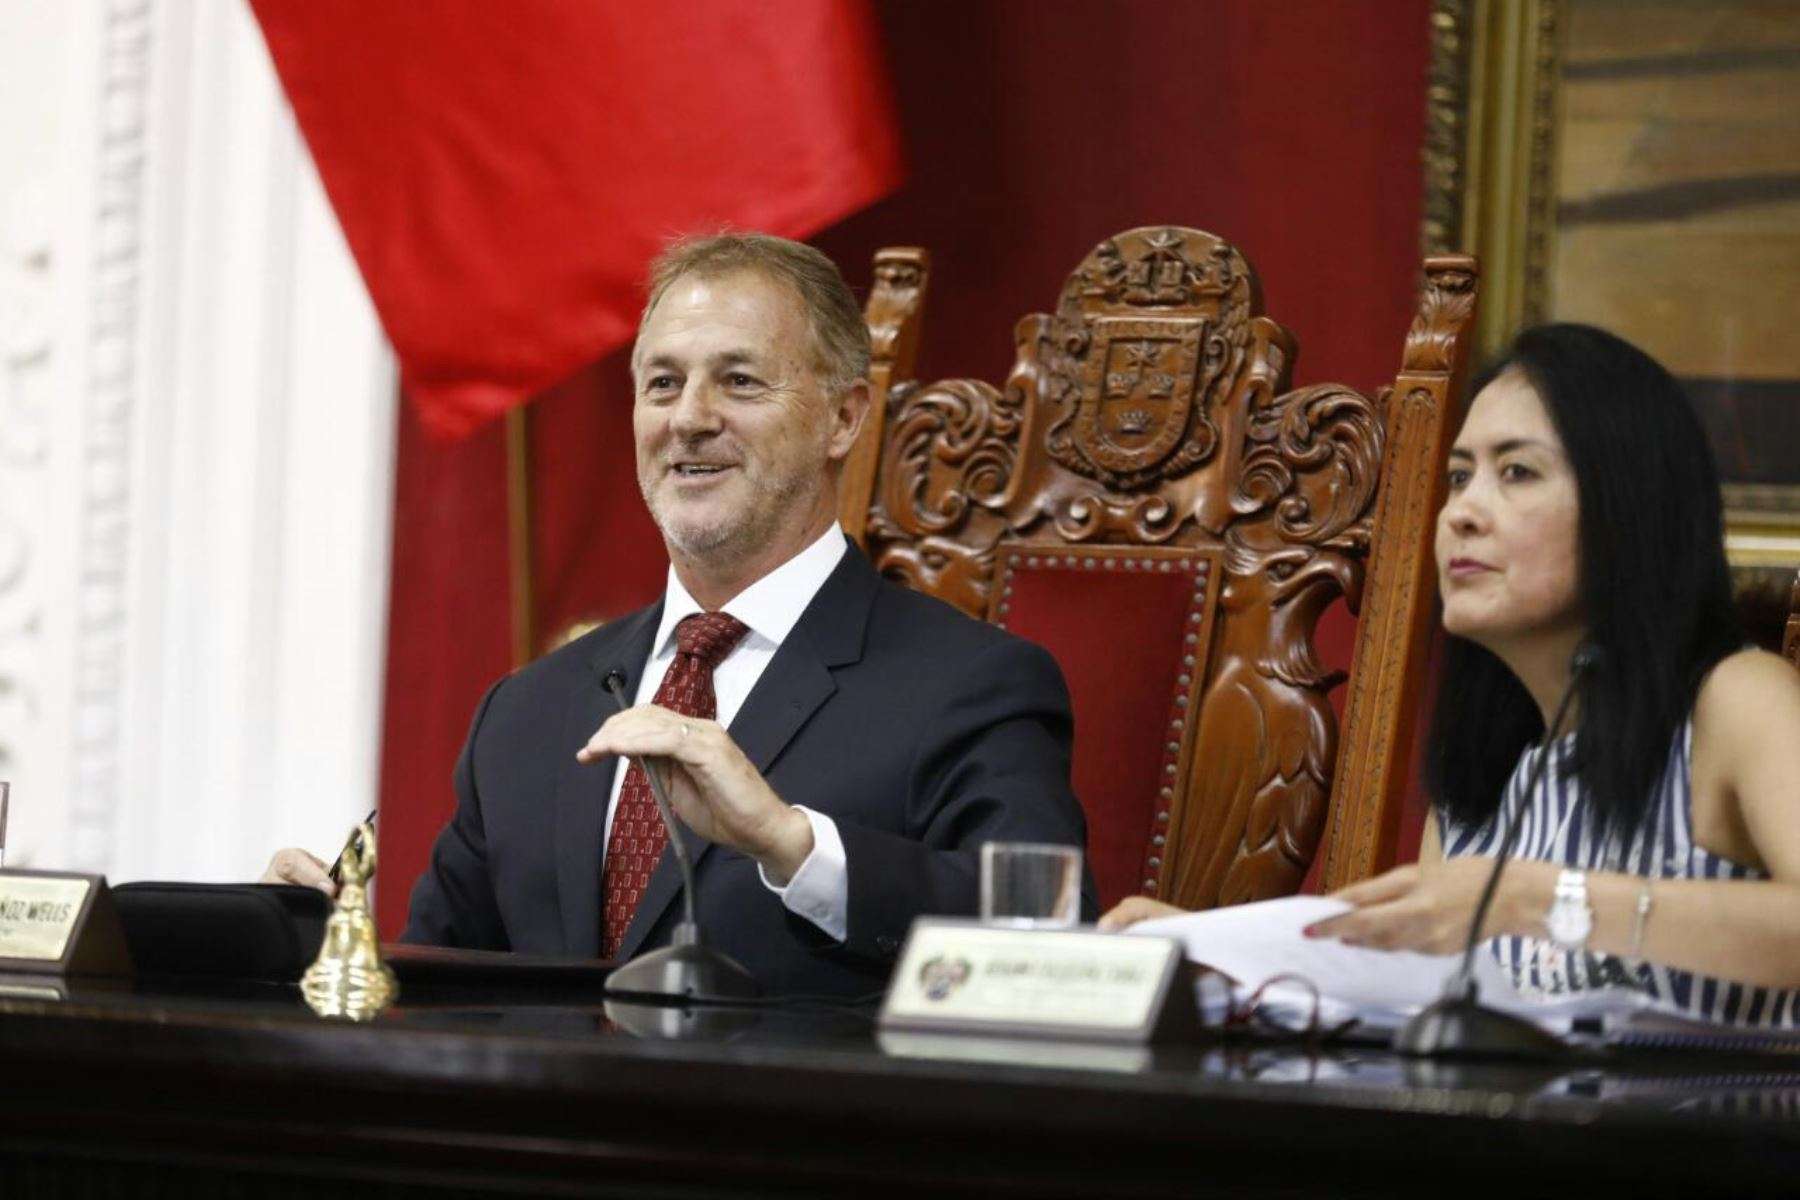 Burgomaestre anunció que liderará todas las reuniones de las Sesiones de Concejo.